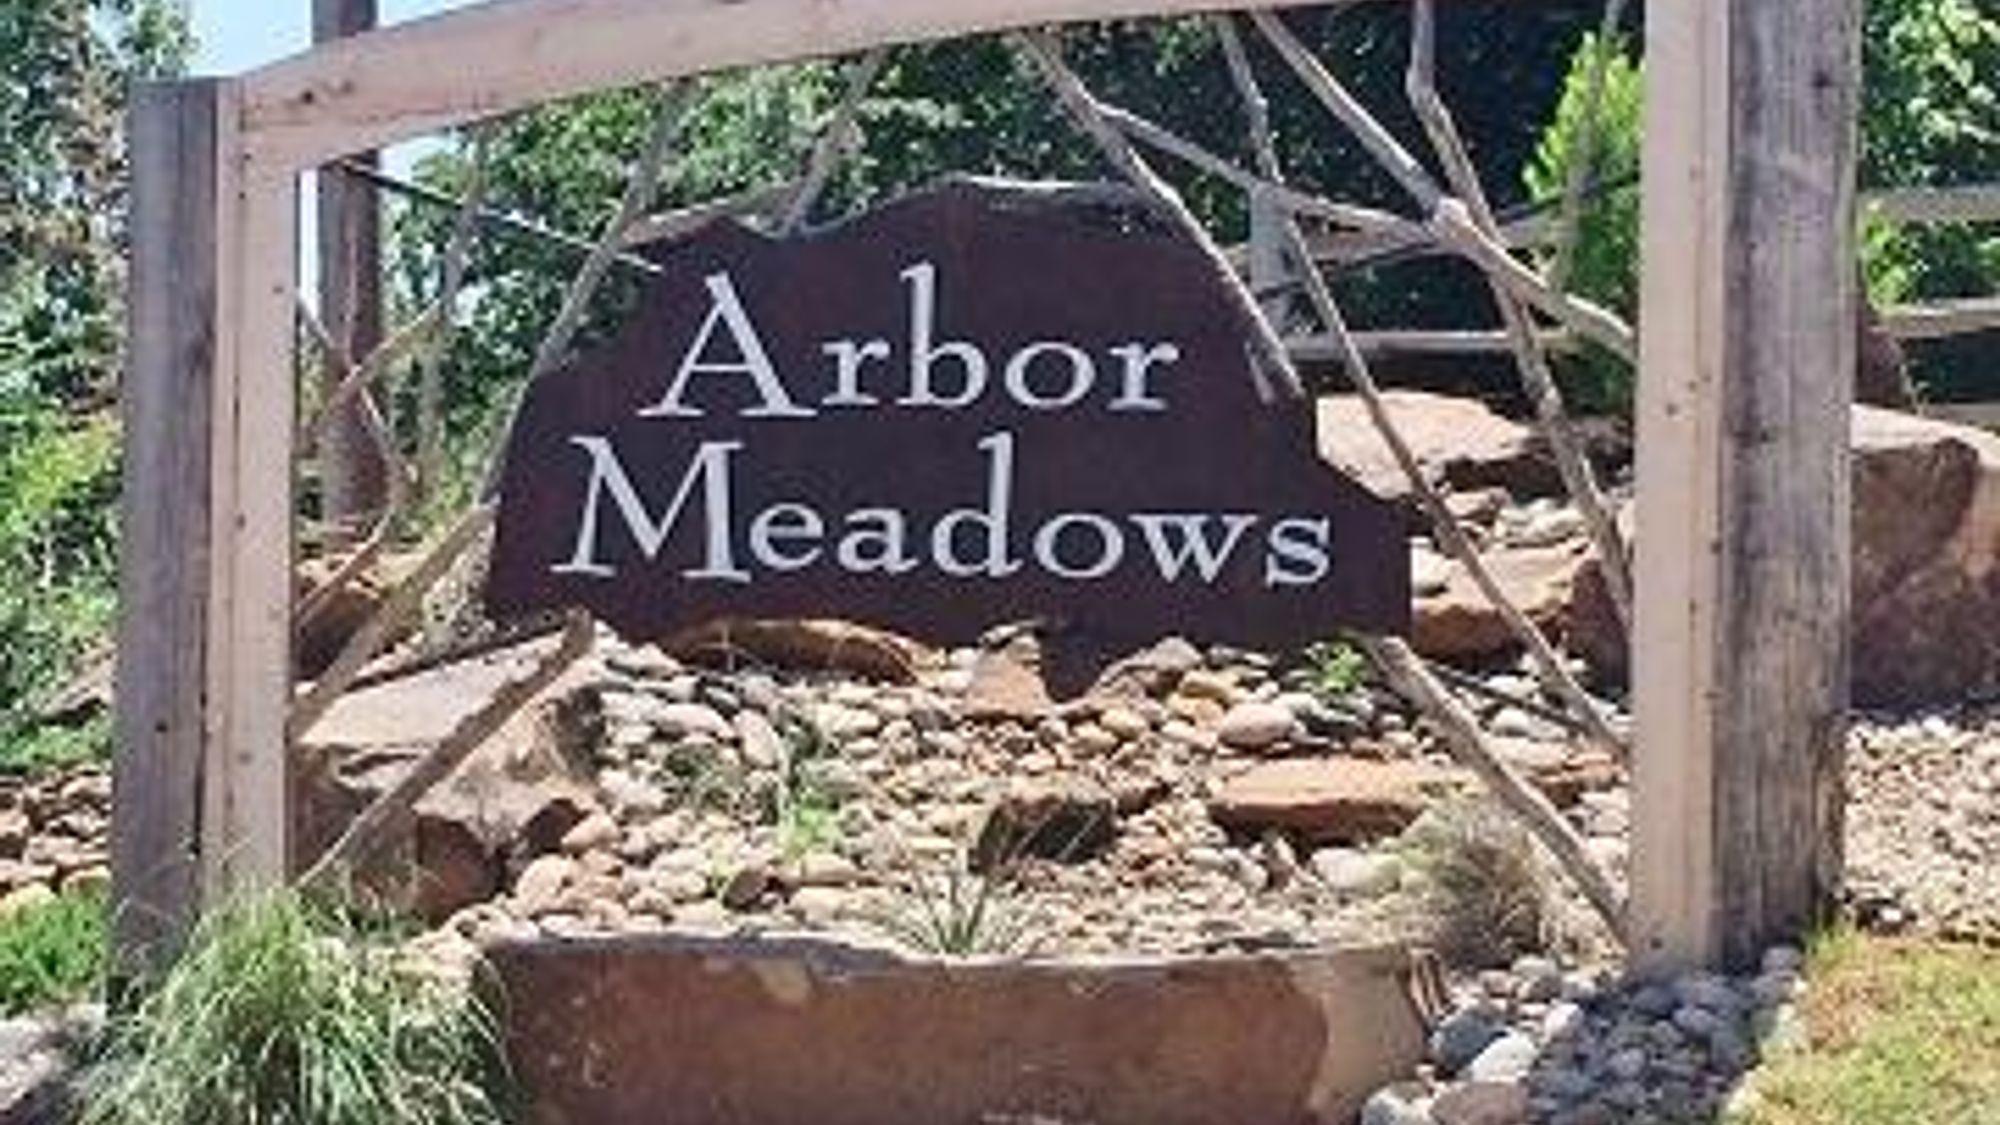 Thumb 246712490450590 Arbor Meadows - Copy[1]